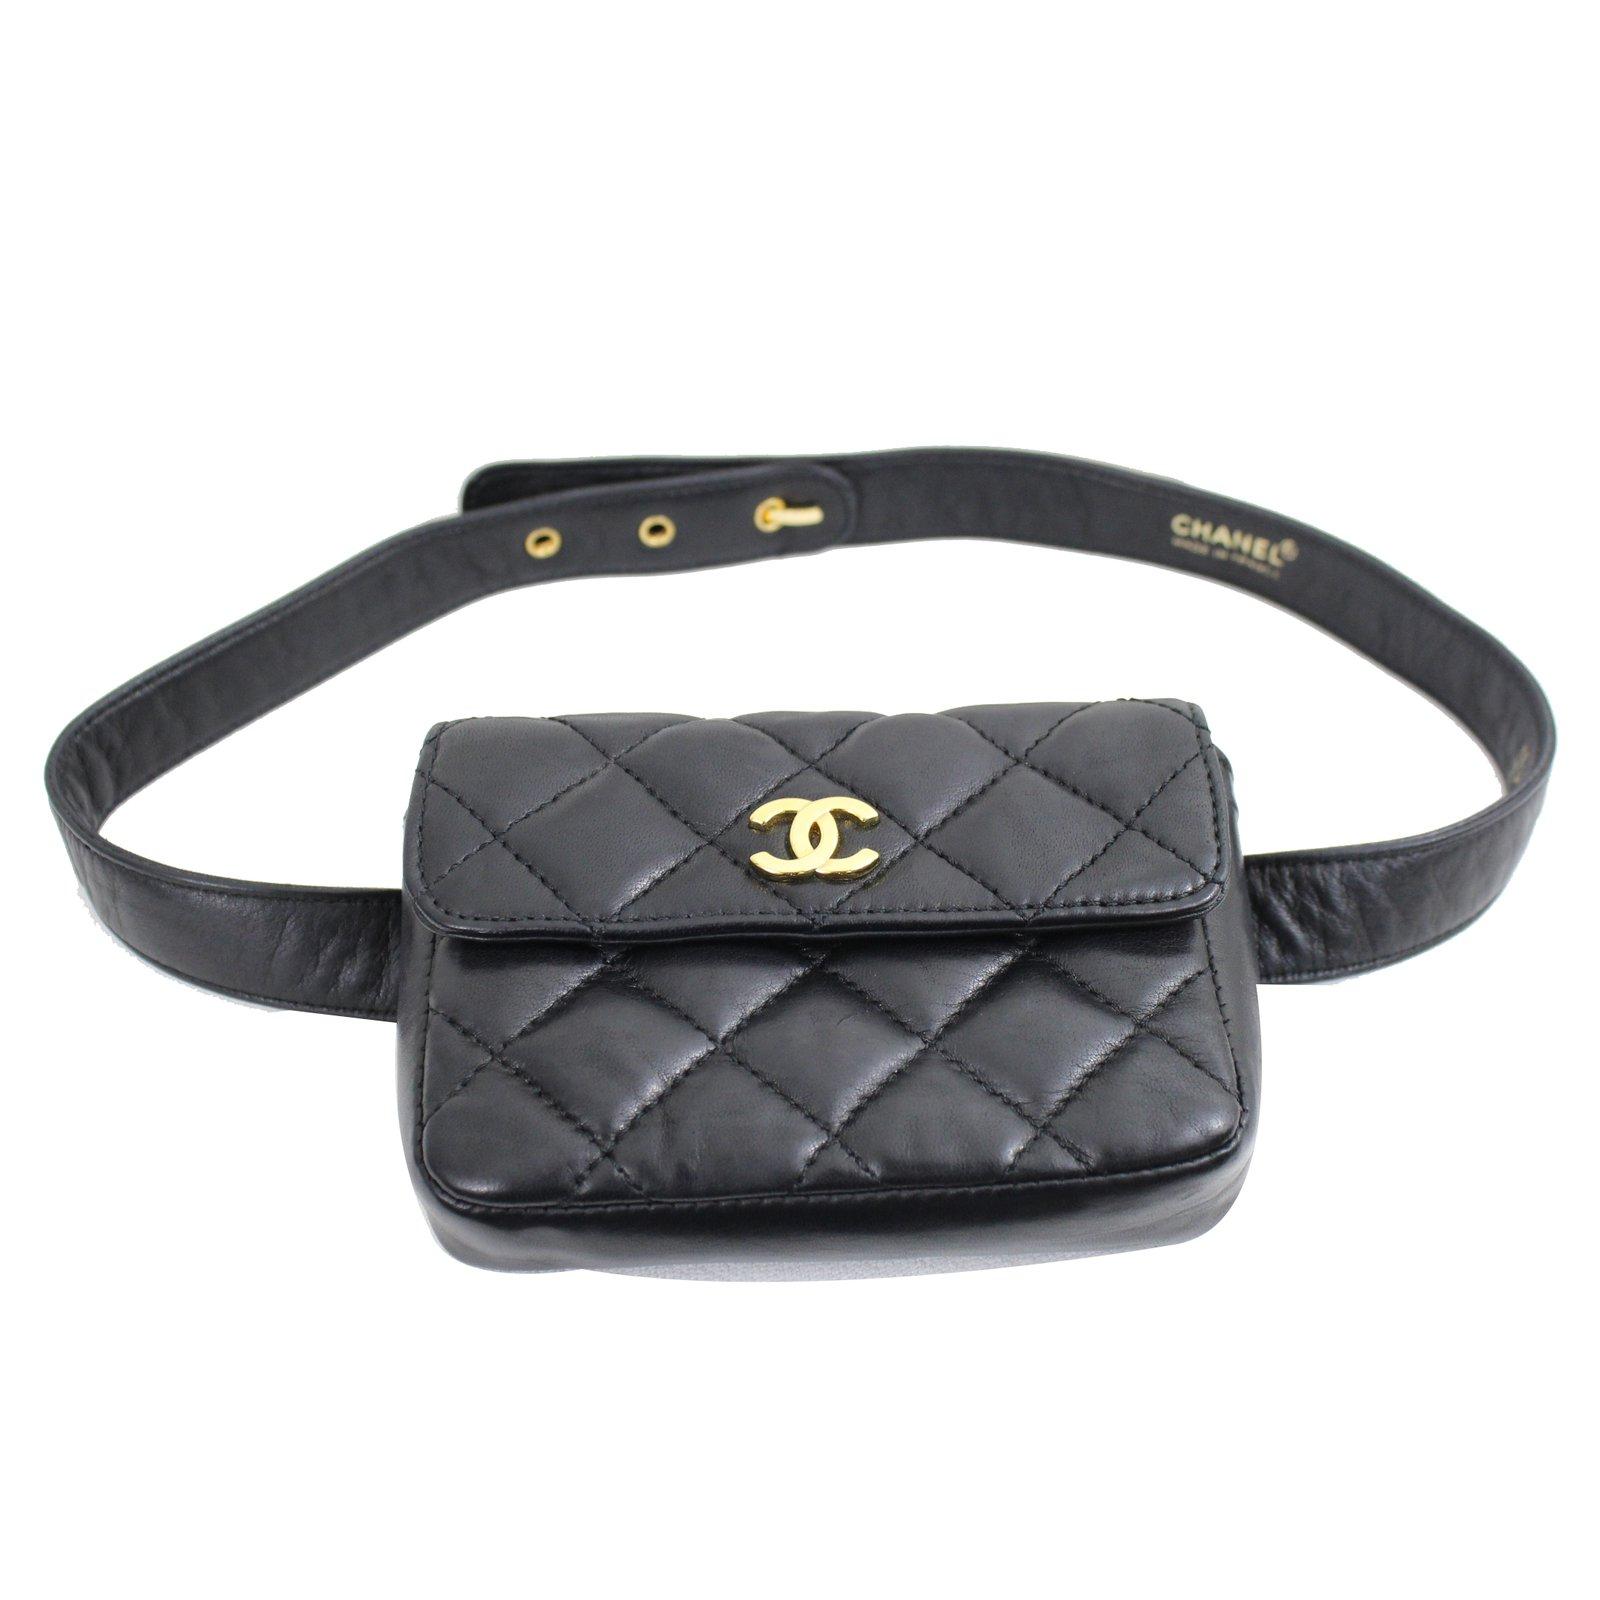 chanel belt. chanel belt bag handbags patent leather black ref.36713